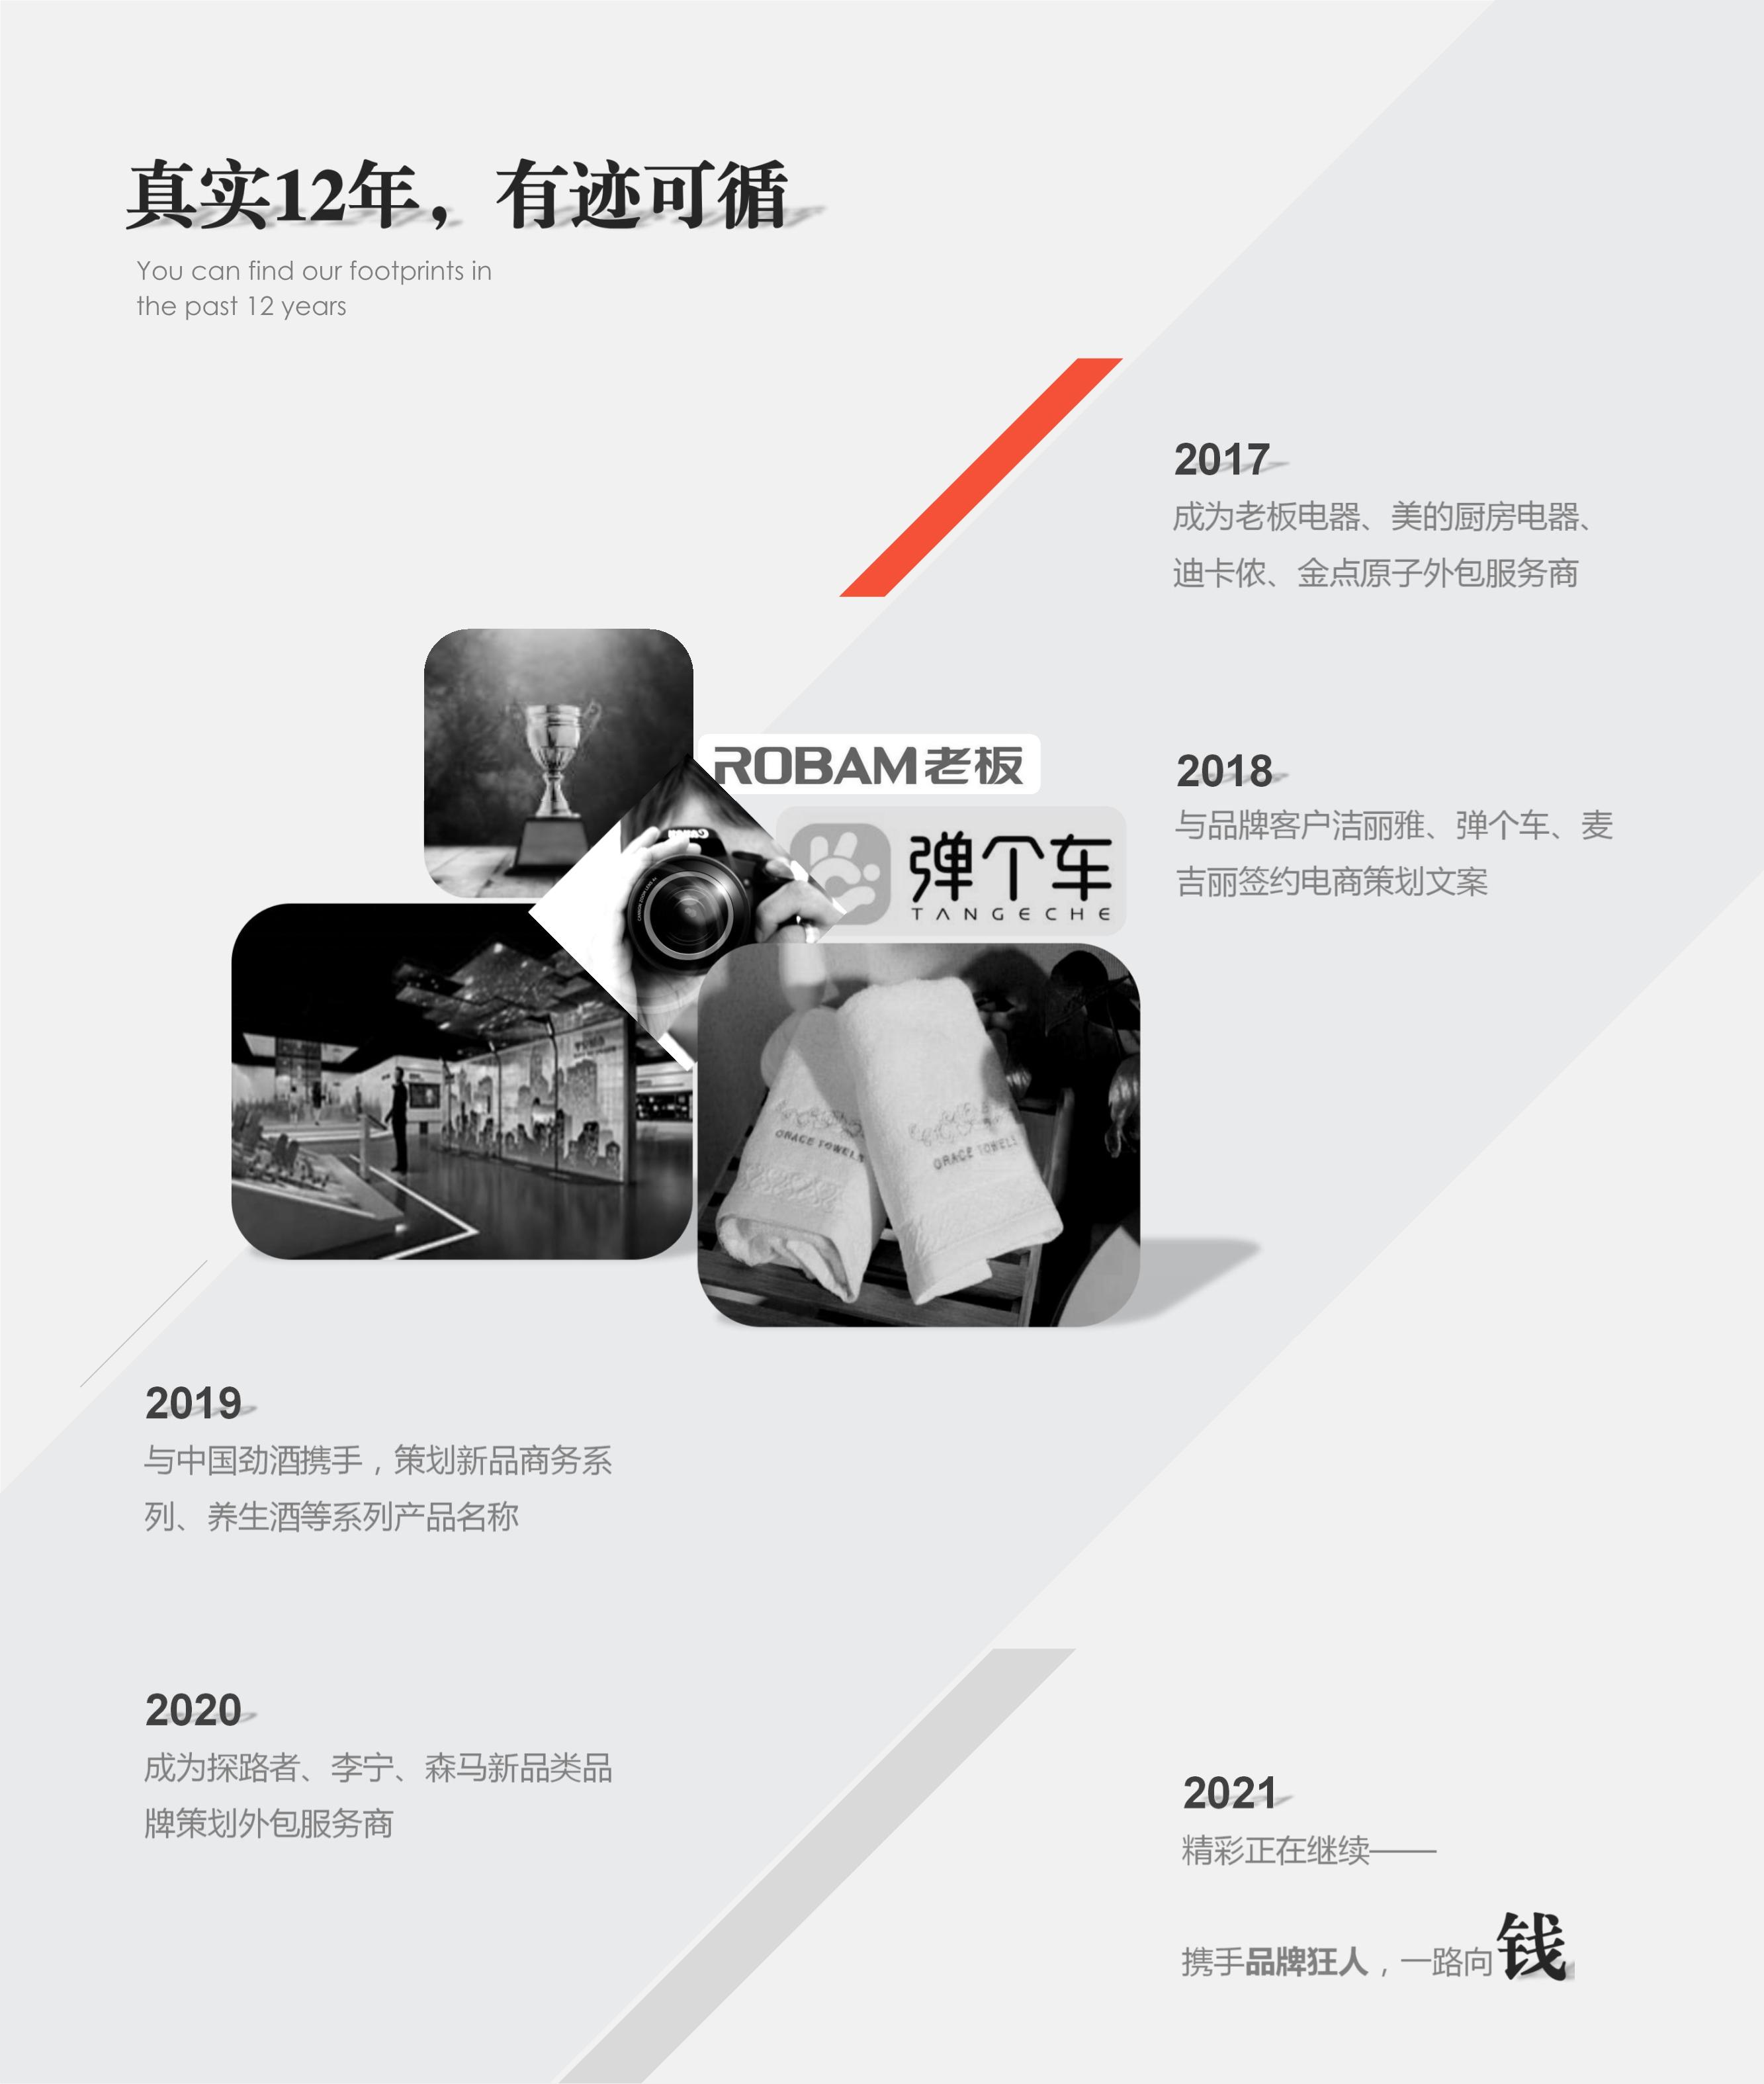 _品牌狂人 专业产品牌全案策划机构 定制定位企业形象宣传包装11